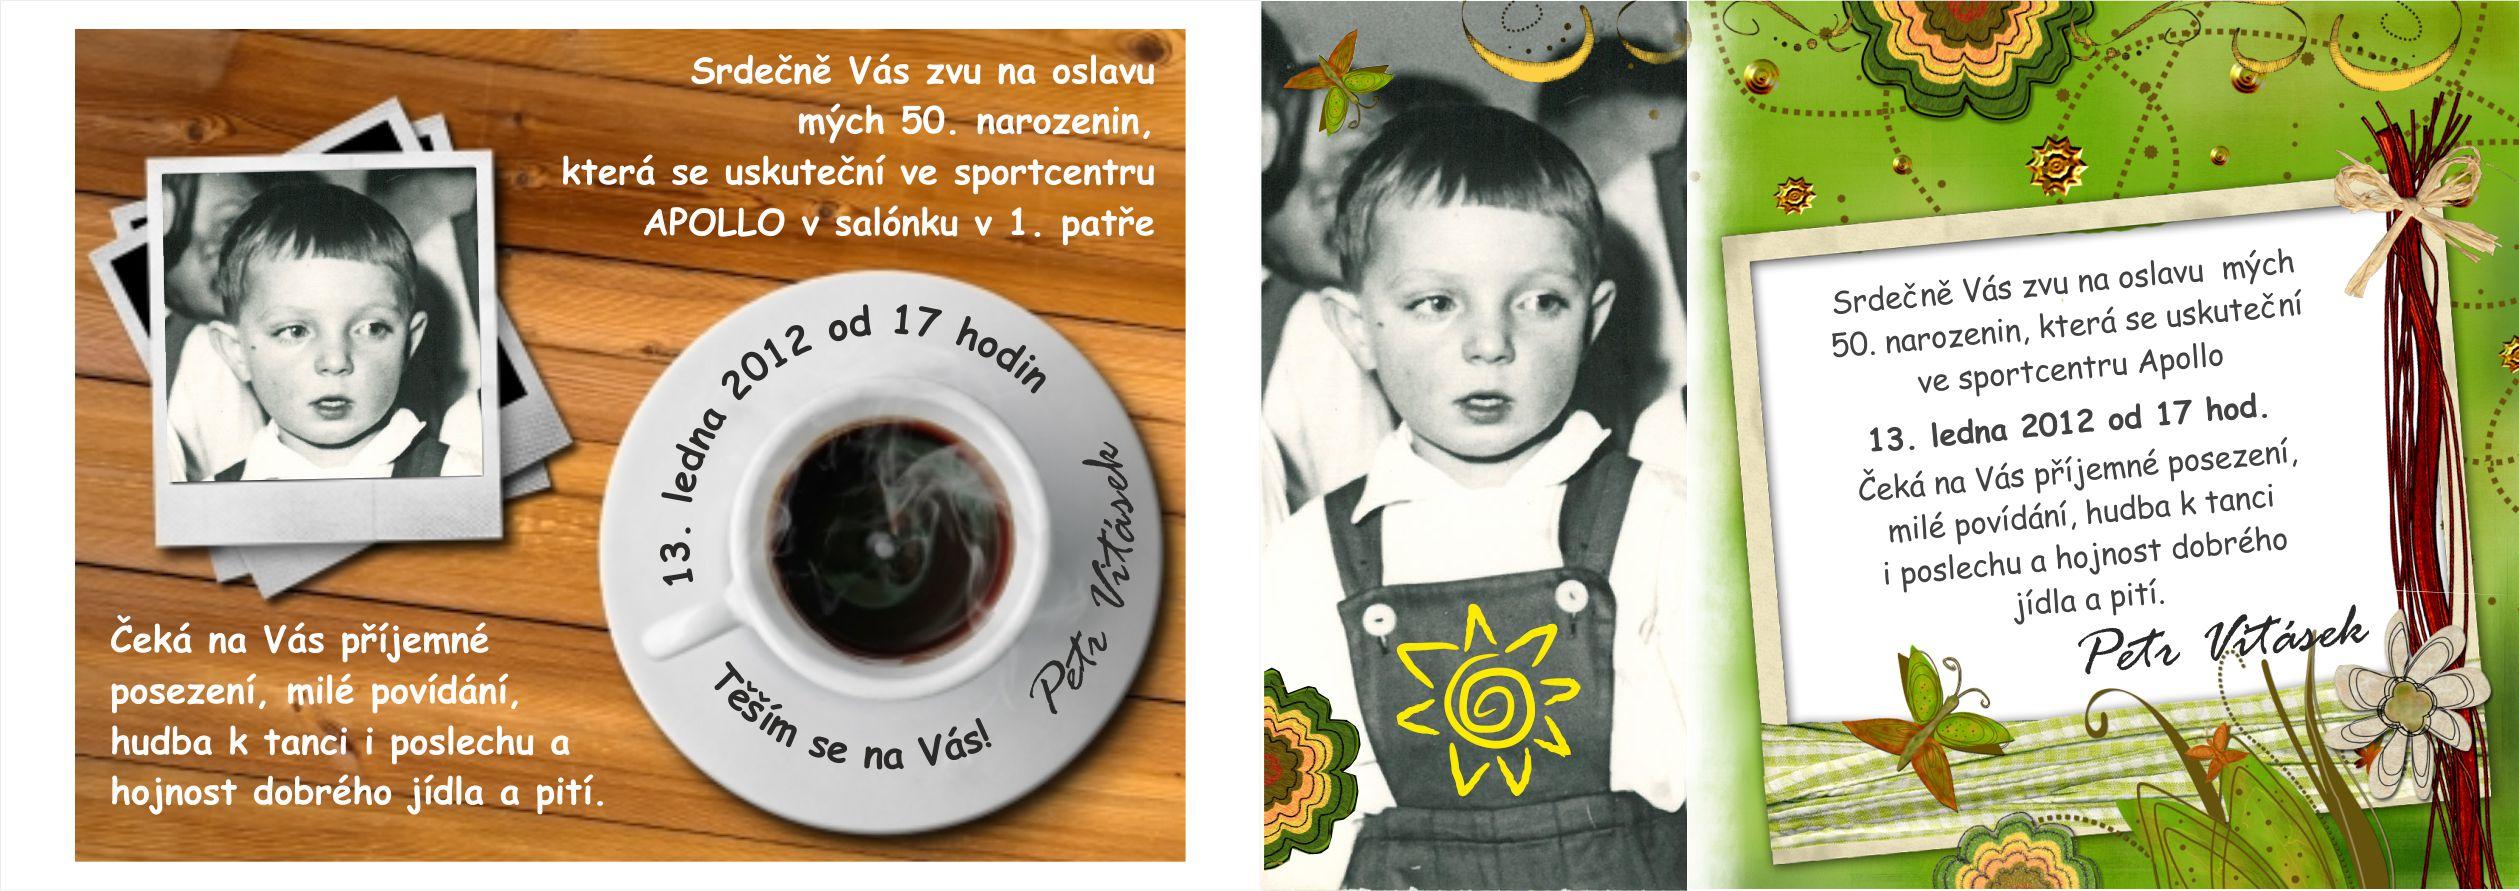 oslava 50 narozenin nápady Dílna u Terezky  nápady od jara až do zimy! oslava 50 narozenin nápady